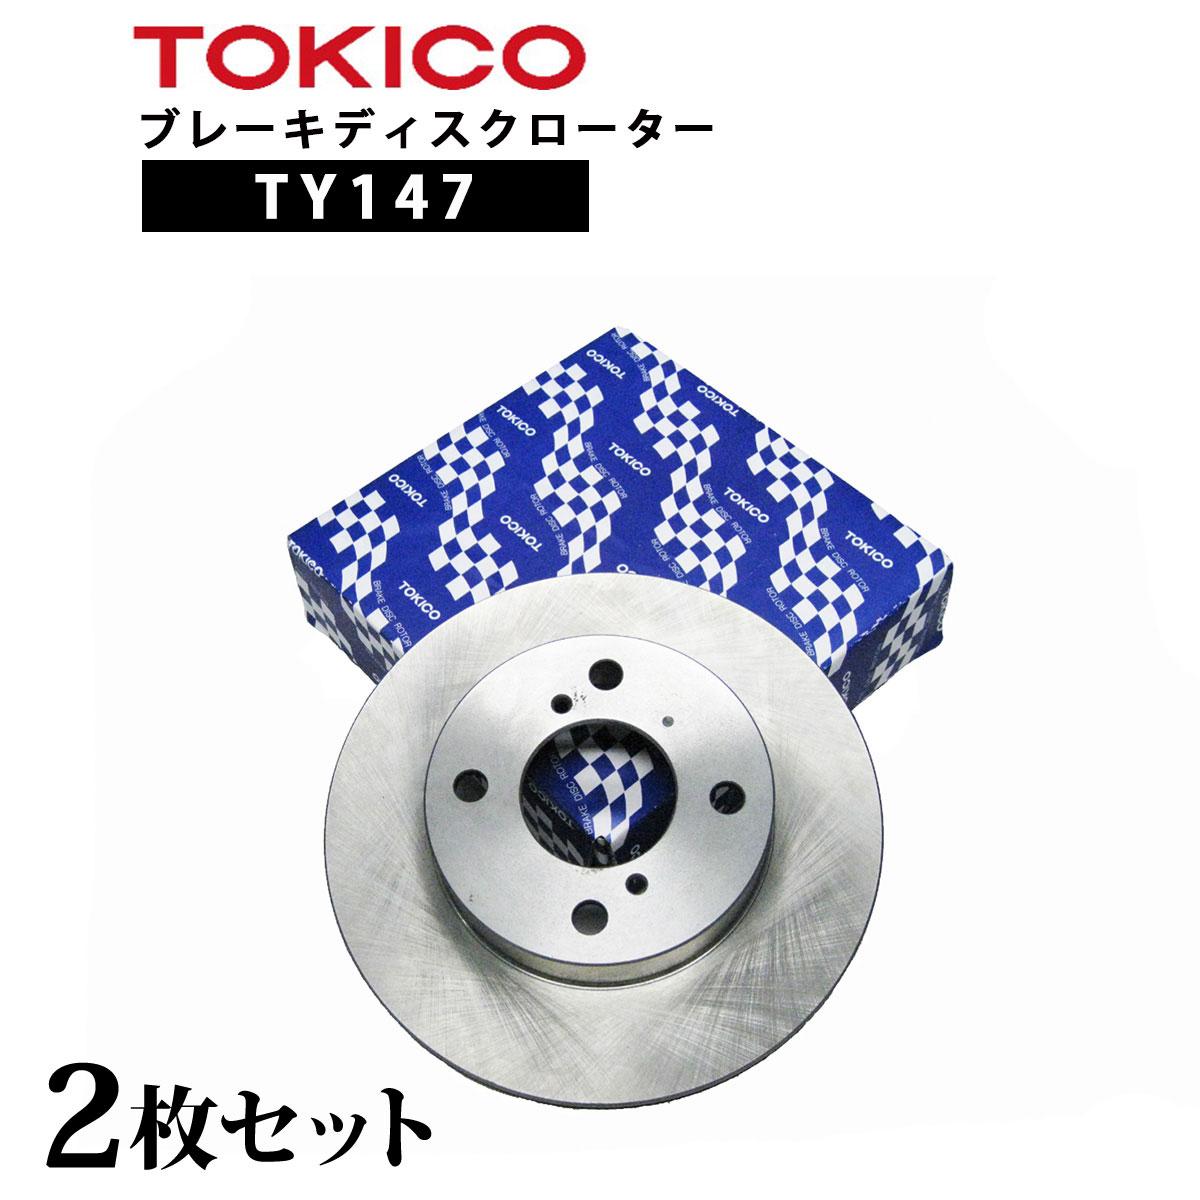 ブレーキ, ブレーキローター TY147 TOKICO 2 40206-4M402 F WRY11,WFY11 BD6973RN102 E1026 V6-261 B6F384J